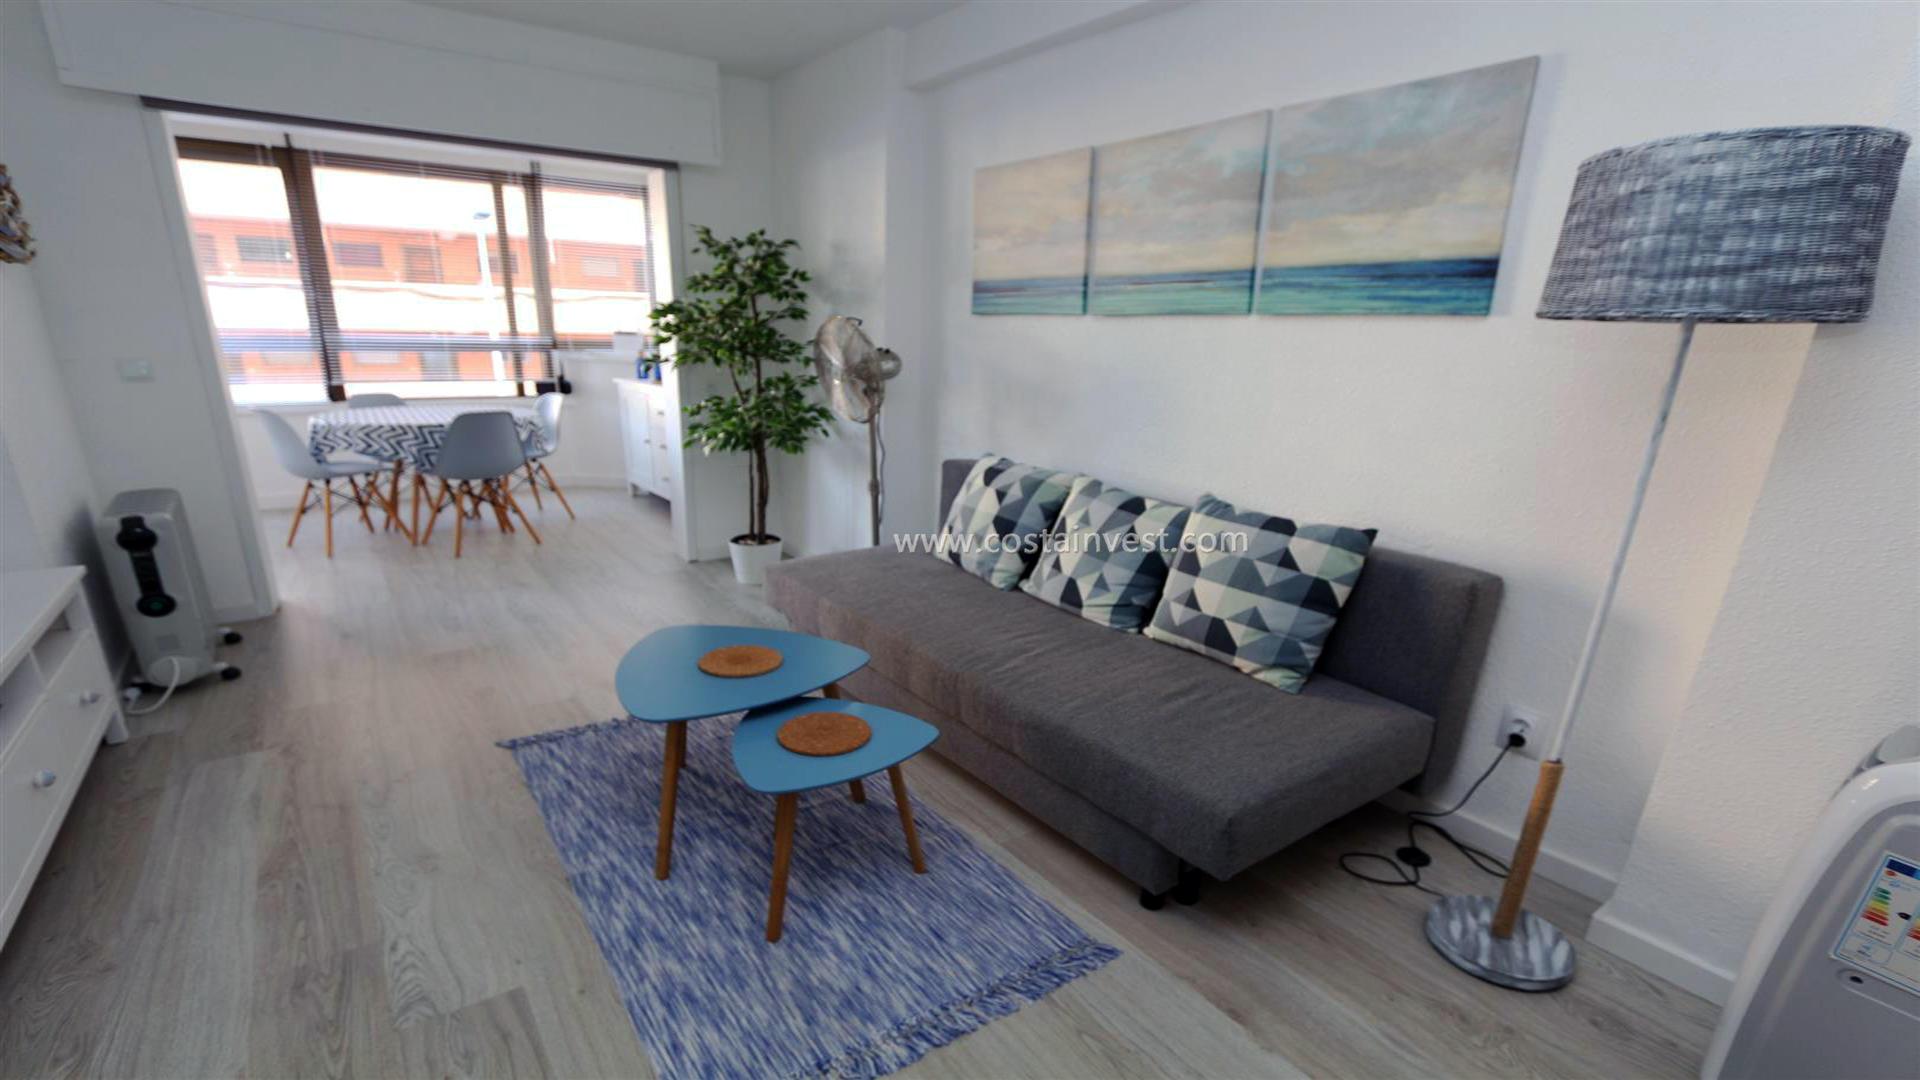 Appartement -                                       La Mata -                                       2 chambres -                                       4 occupants